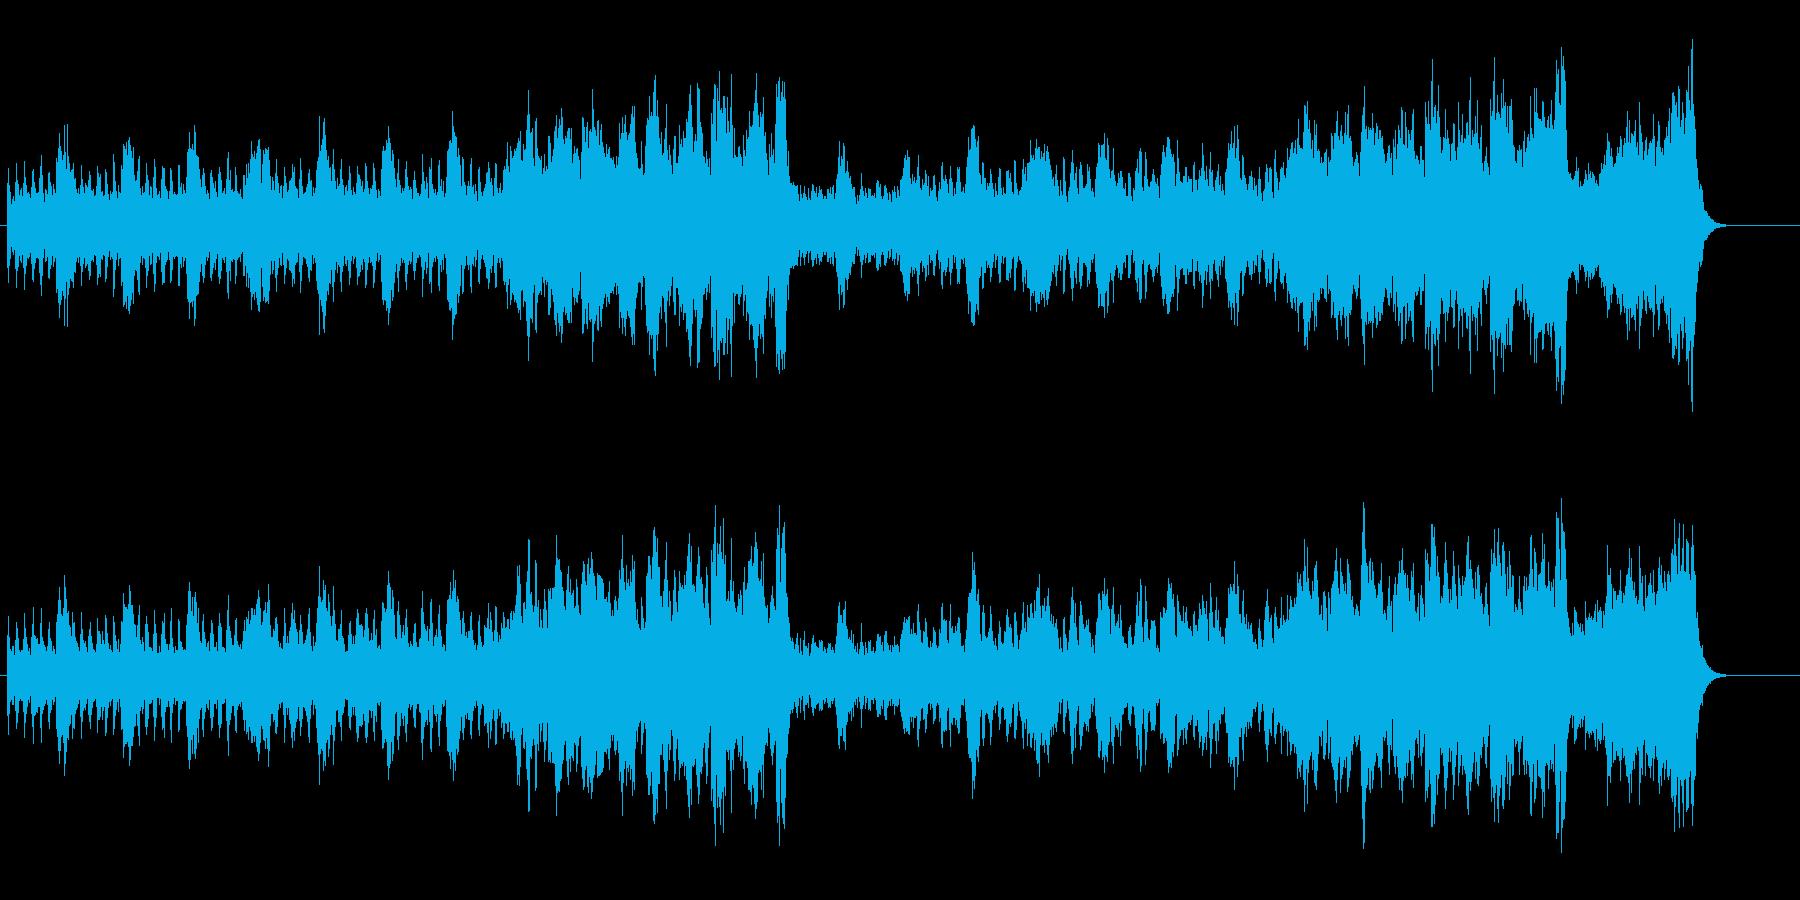 スリリングなイメージのクラシカルBGMの再生済みの波形